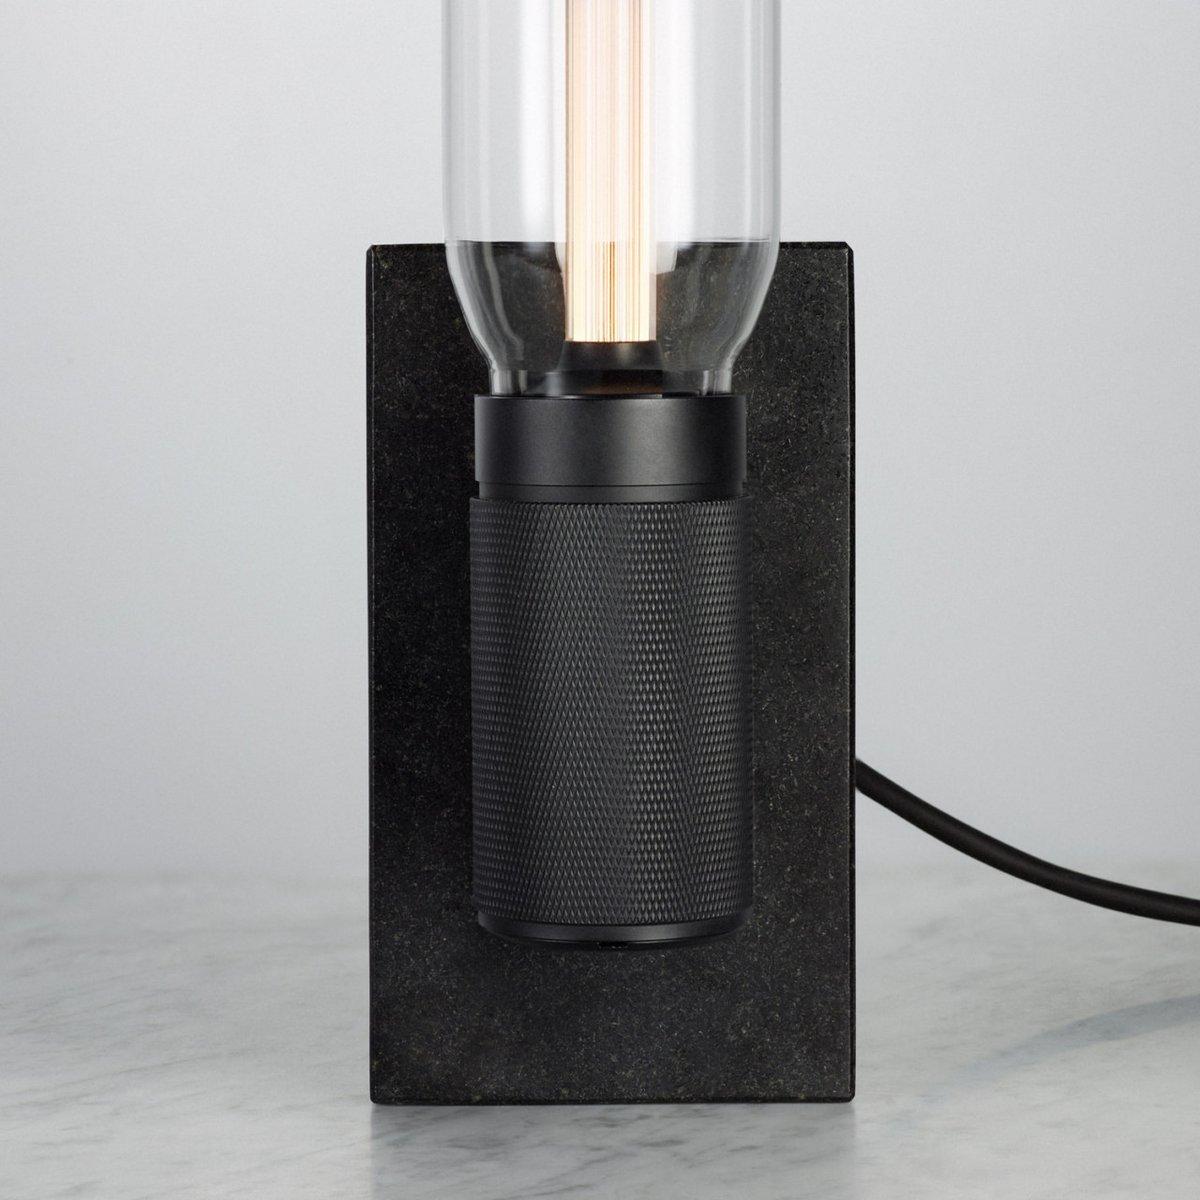 Лампа Stoned от Массимо Минале